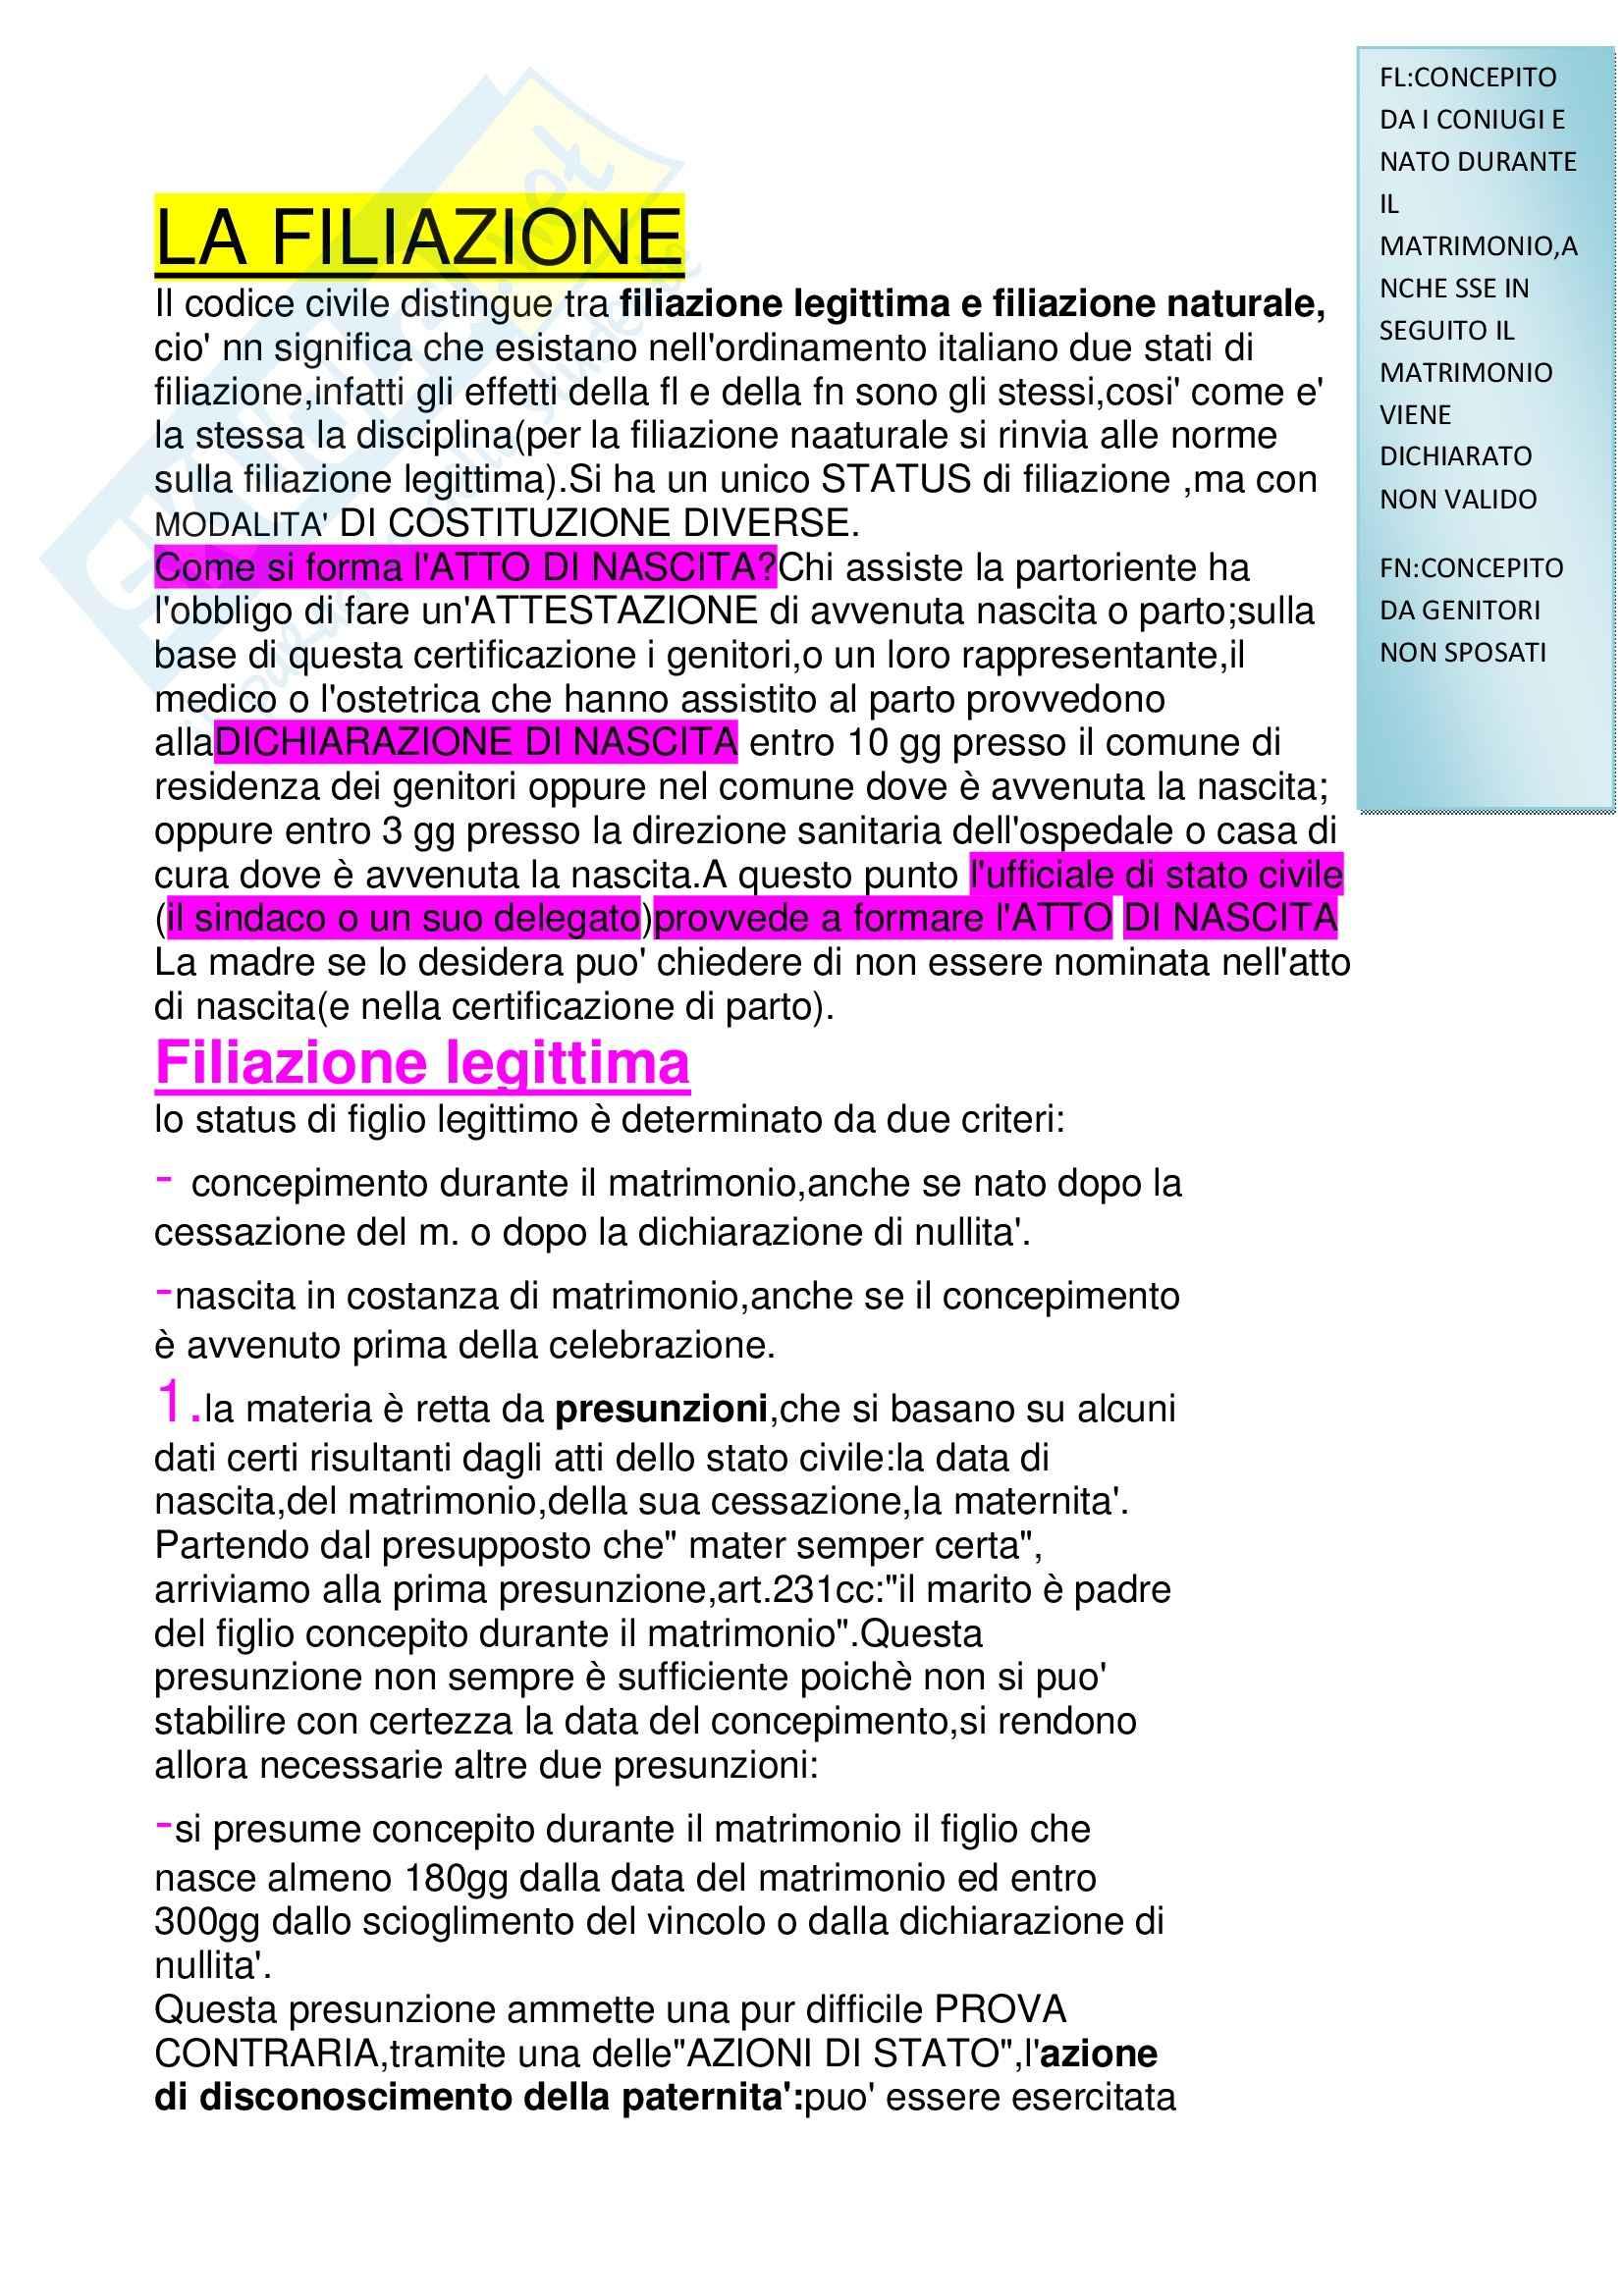 Diritto privato e di famiglia - la filiazione